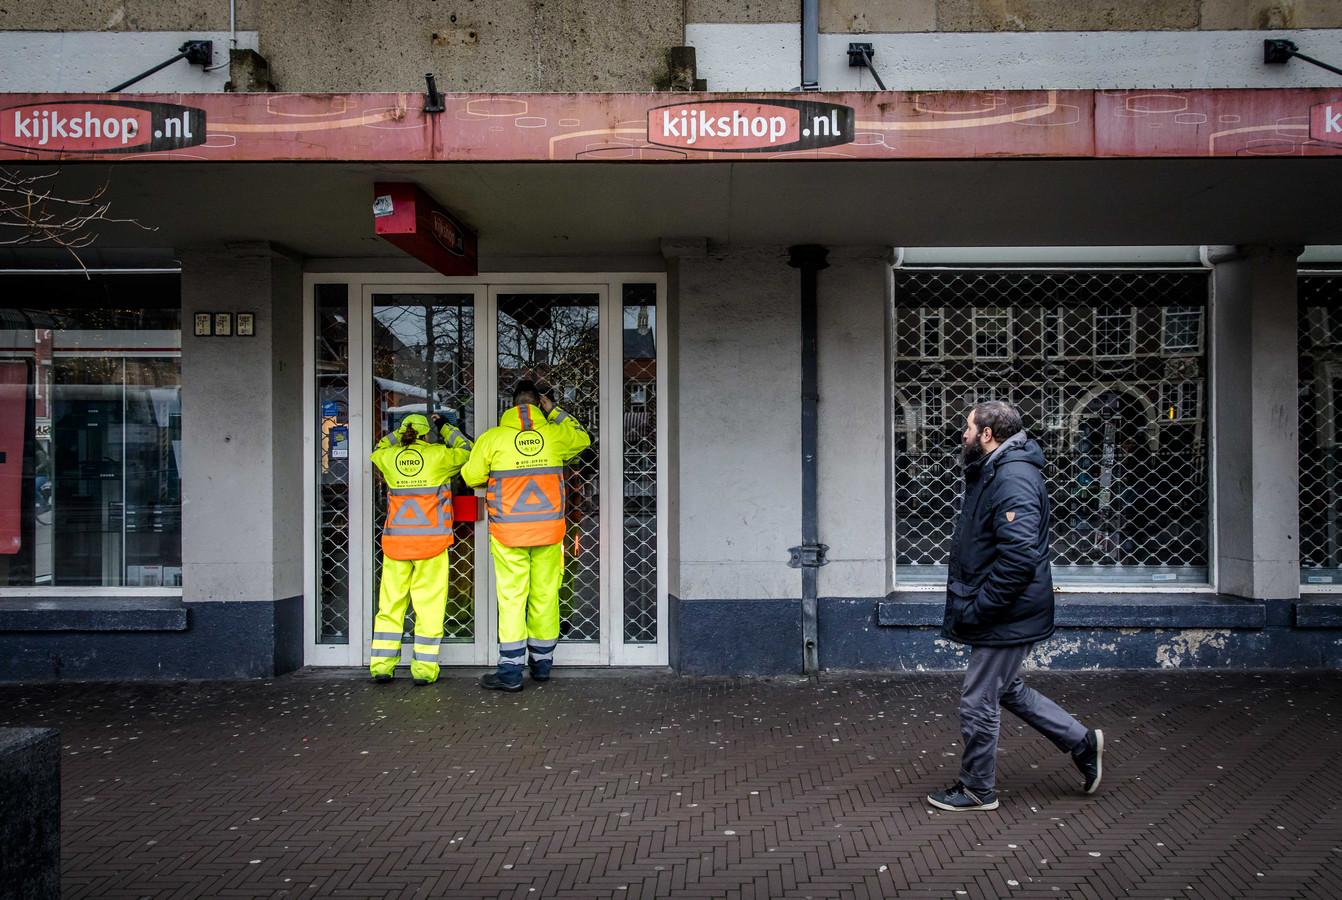 www kijkshop nl 40 jaar Meeste winkels Kijkshop vanaf morgen open voor uitverkoop  www kijkshop nl 40 jaar